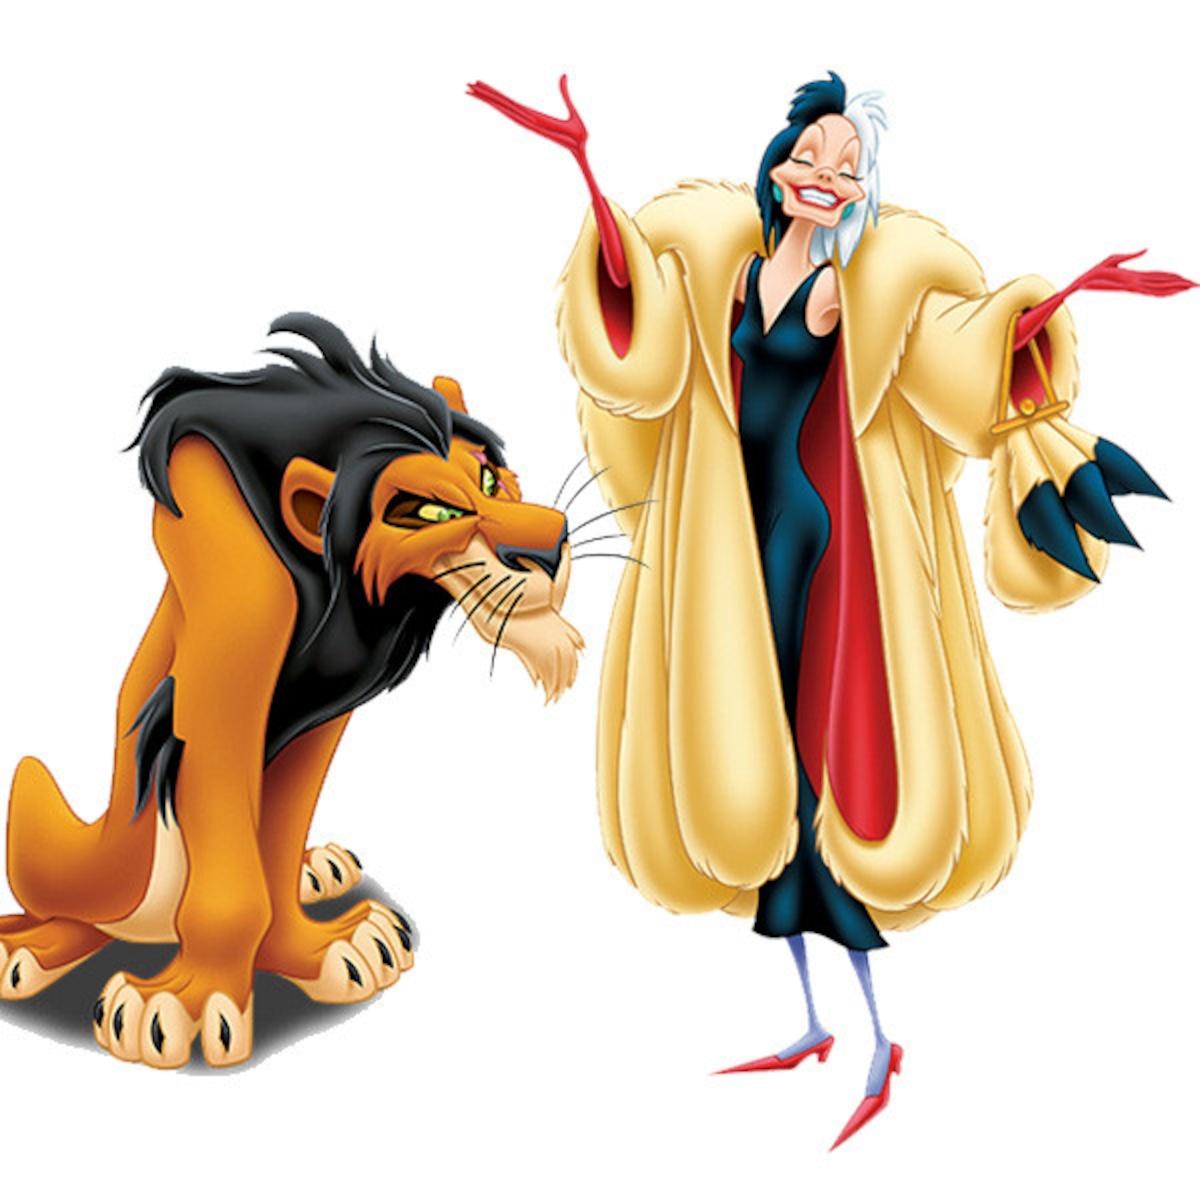 Top De Los 34 Peores Y Más Temibles Villanos De Disney Fotos E Online Latino Mx